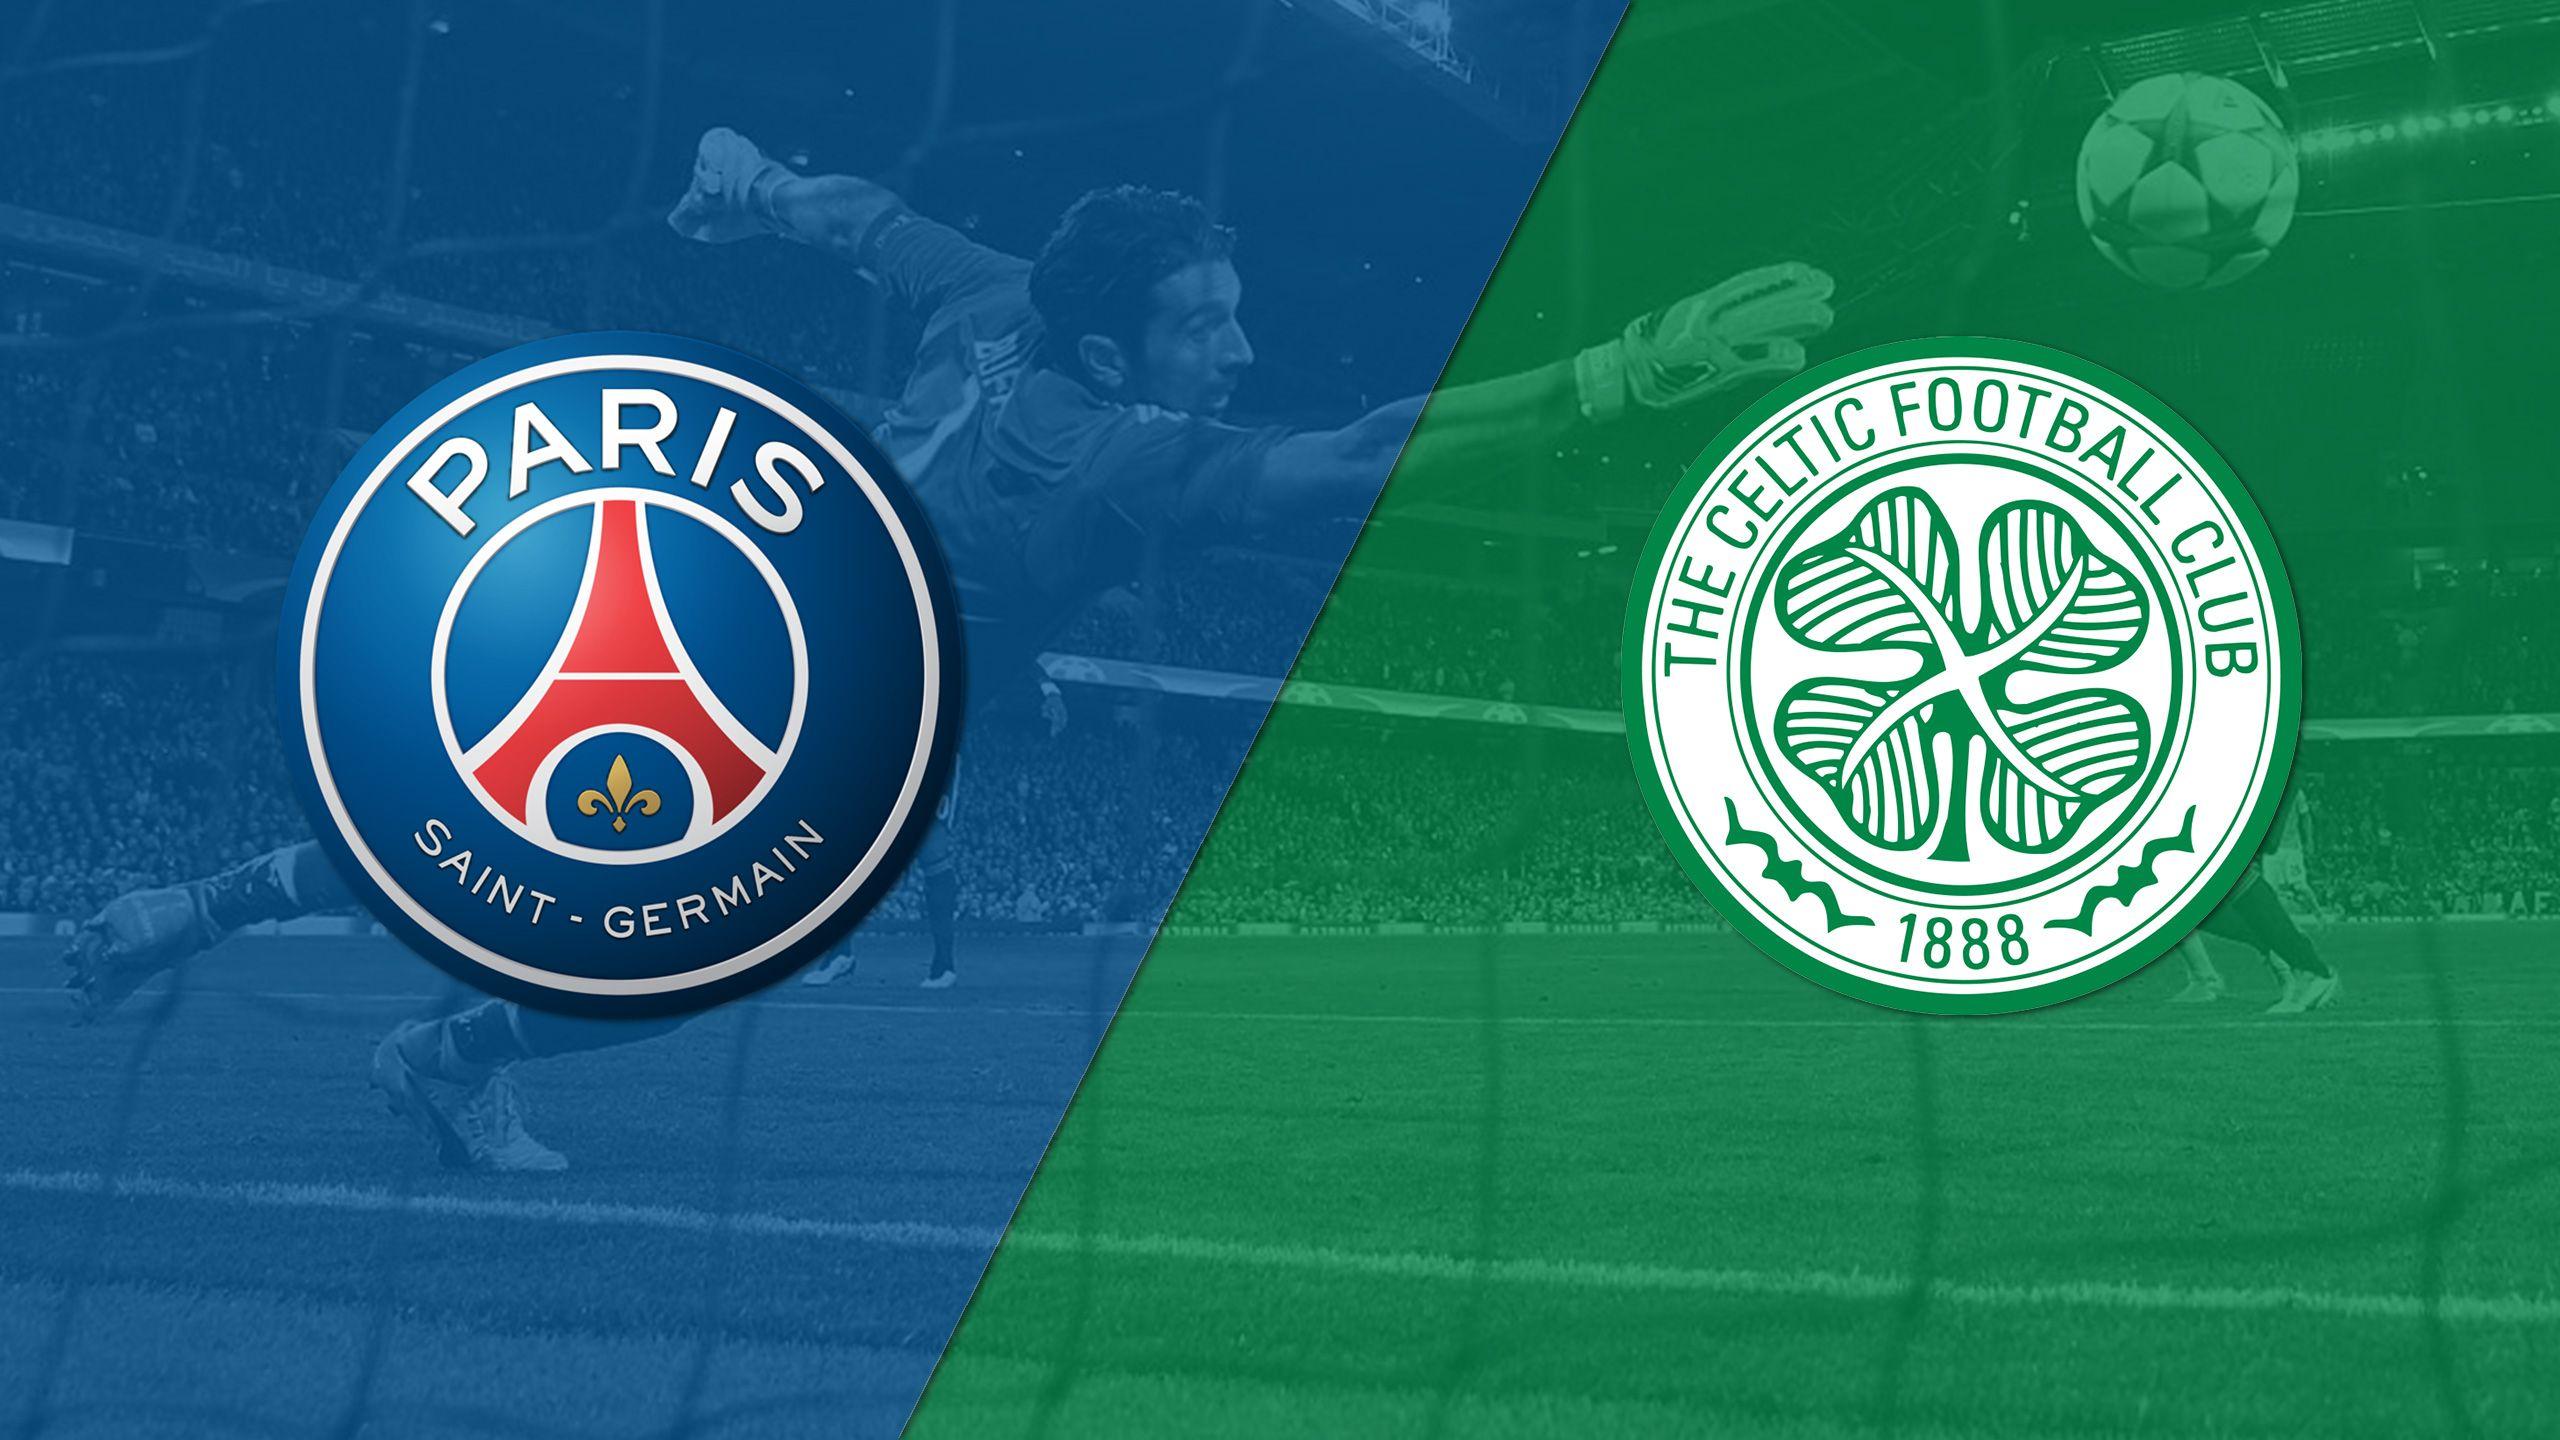 In Spanish - Paris Saint-Germain vs. Celtic (Group Stage #5) (UEFA Champions League)